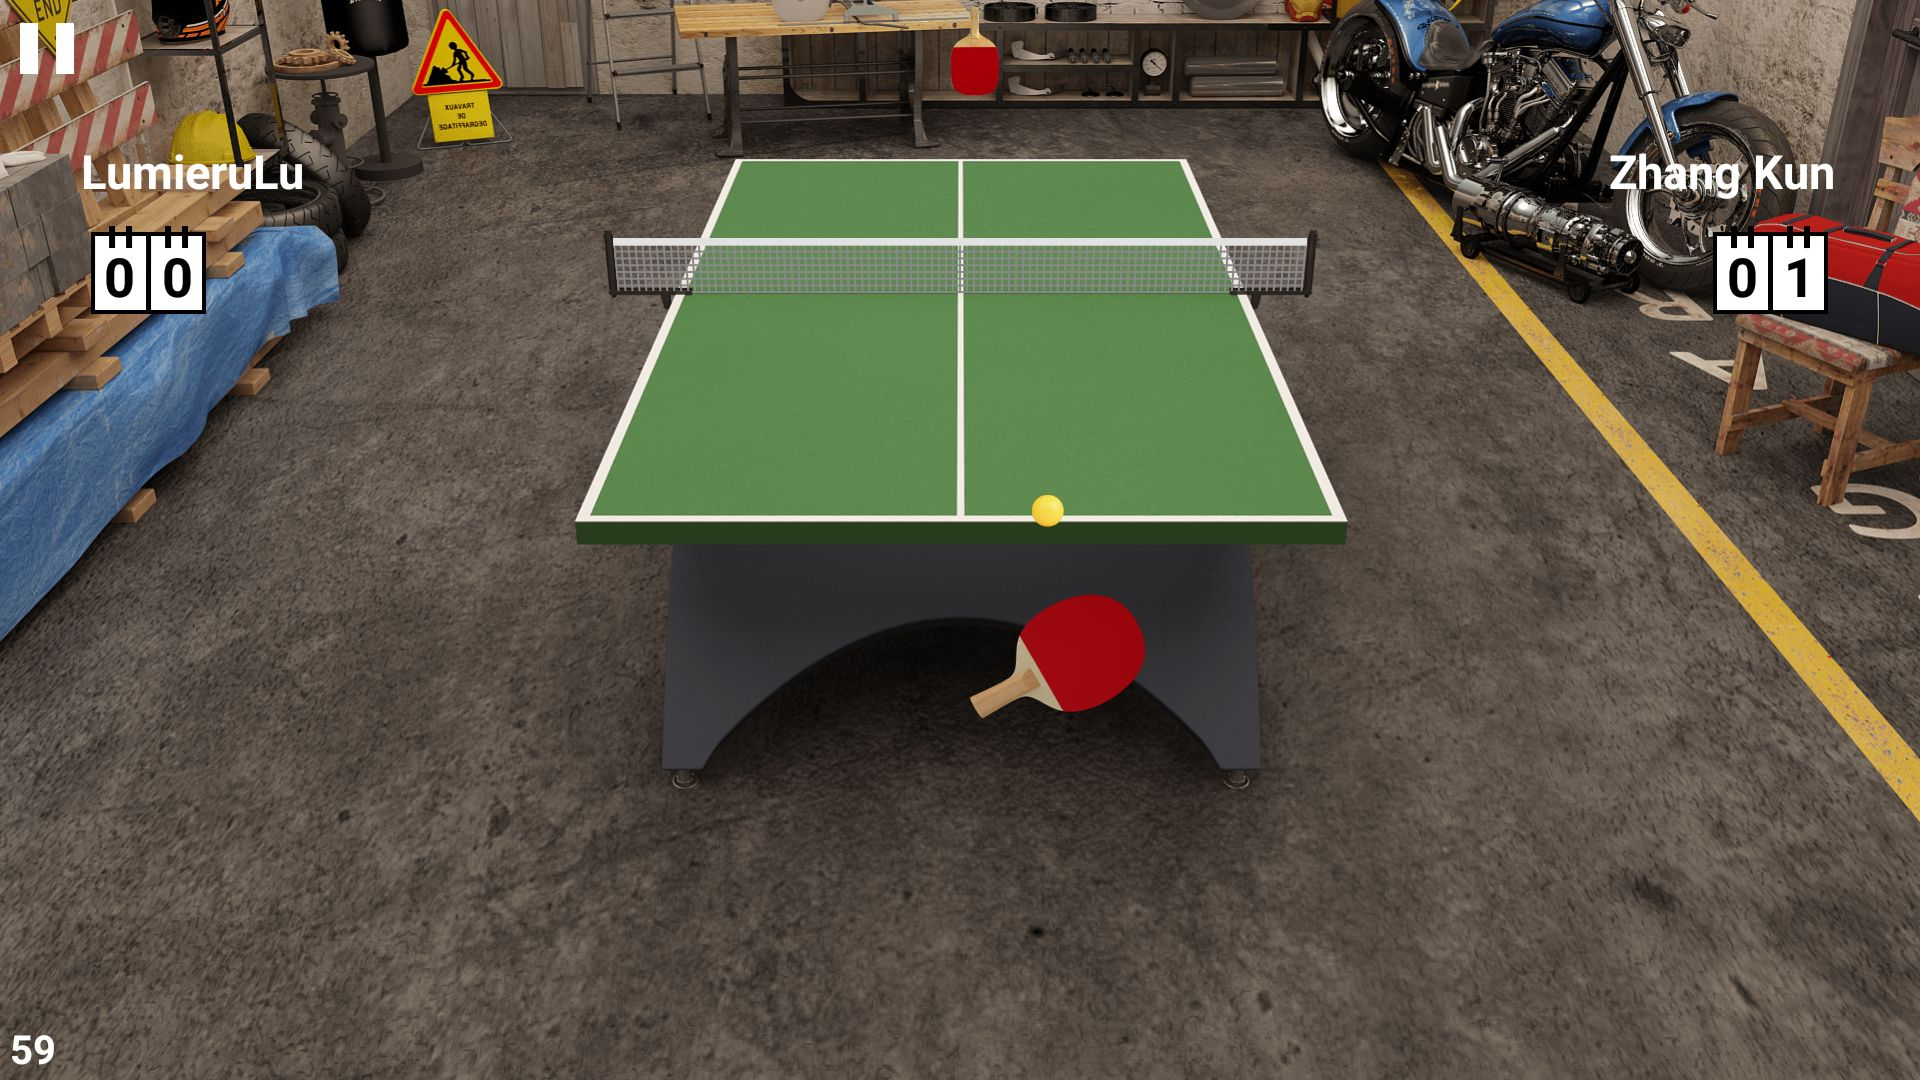 虚拟乒乓球 游戏截图1